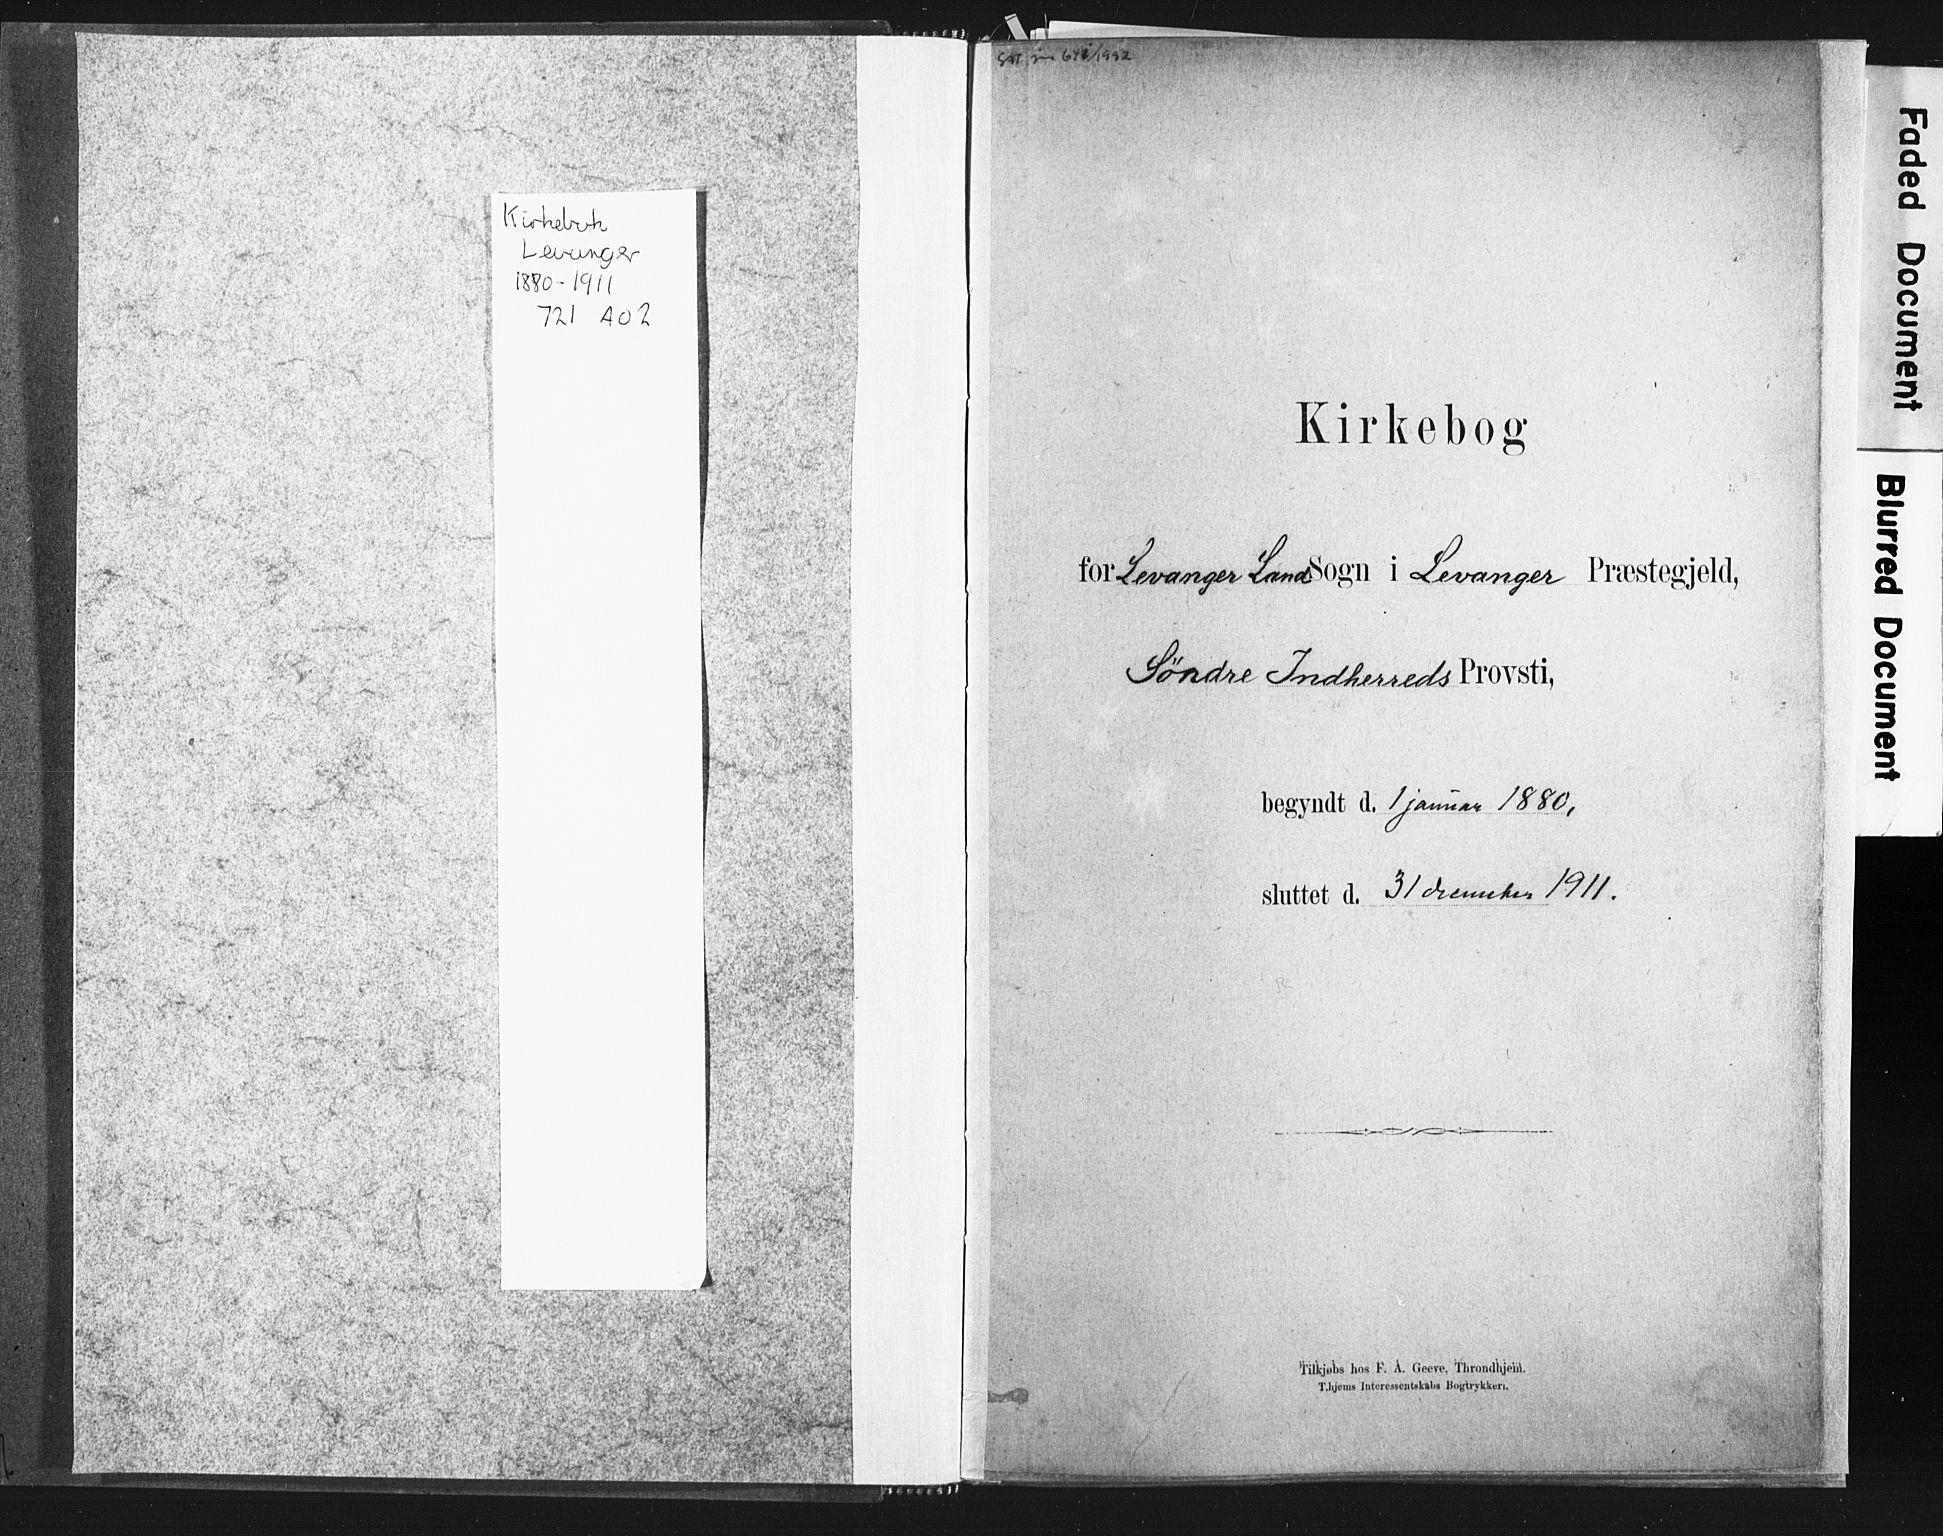 SAT, Ministerialprotokoller, klokkerbøker og fødselsregistre - Nord-Trøndelag, 721/L0207: Ministerialbok nr. 721A02, 1880-1911